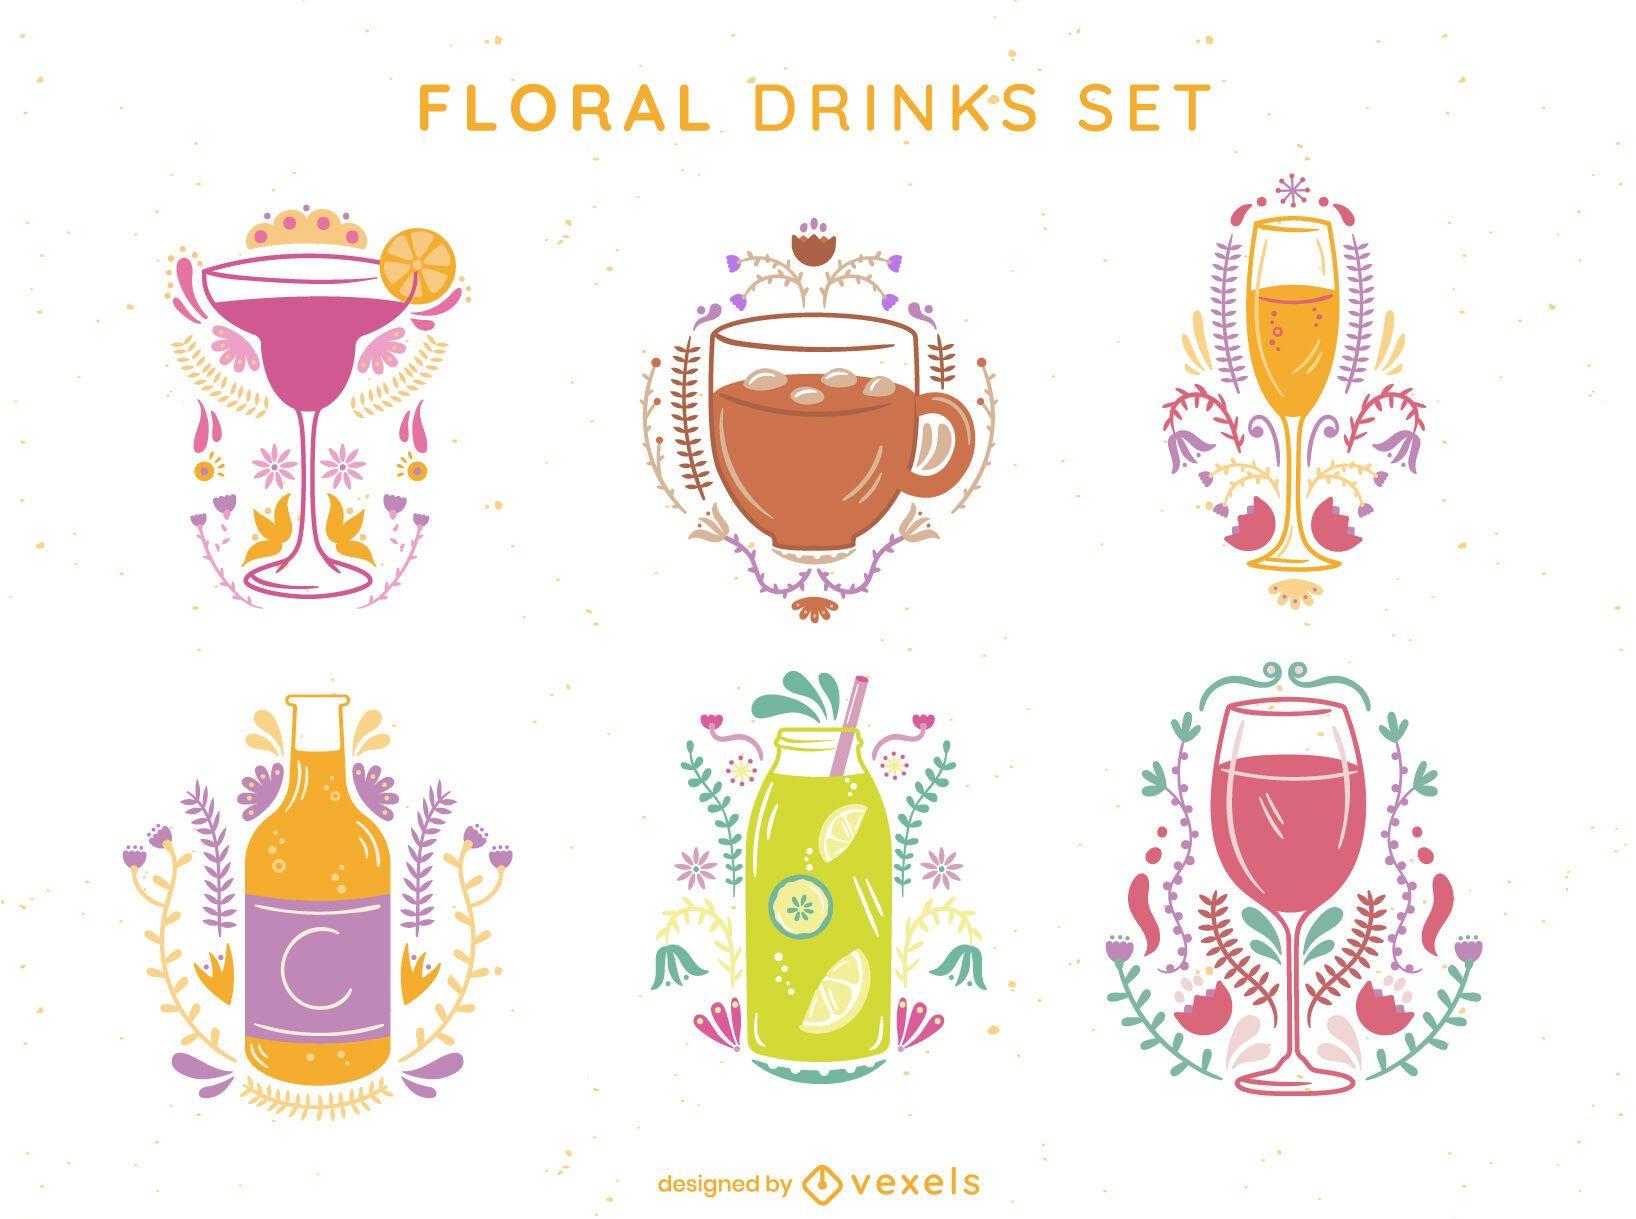 Floral drink set